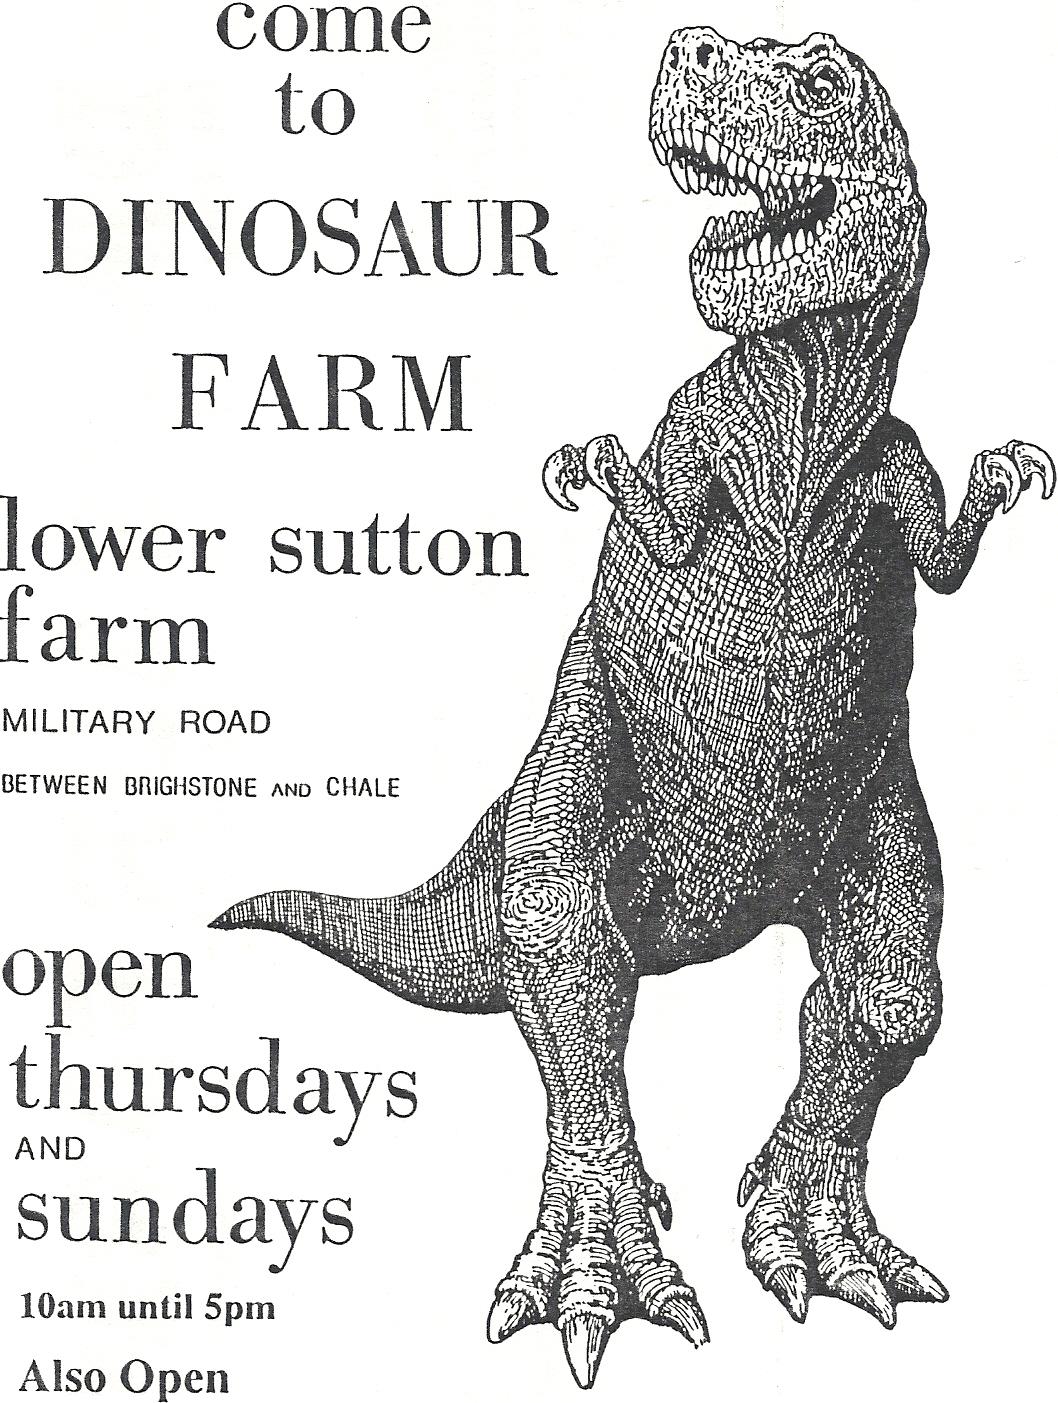 Dinosaur Farm Logo 1993